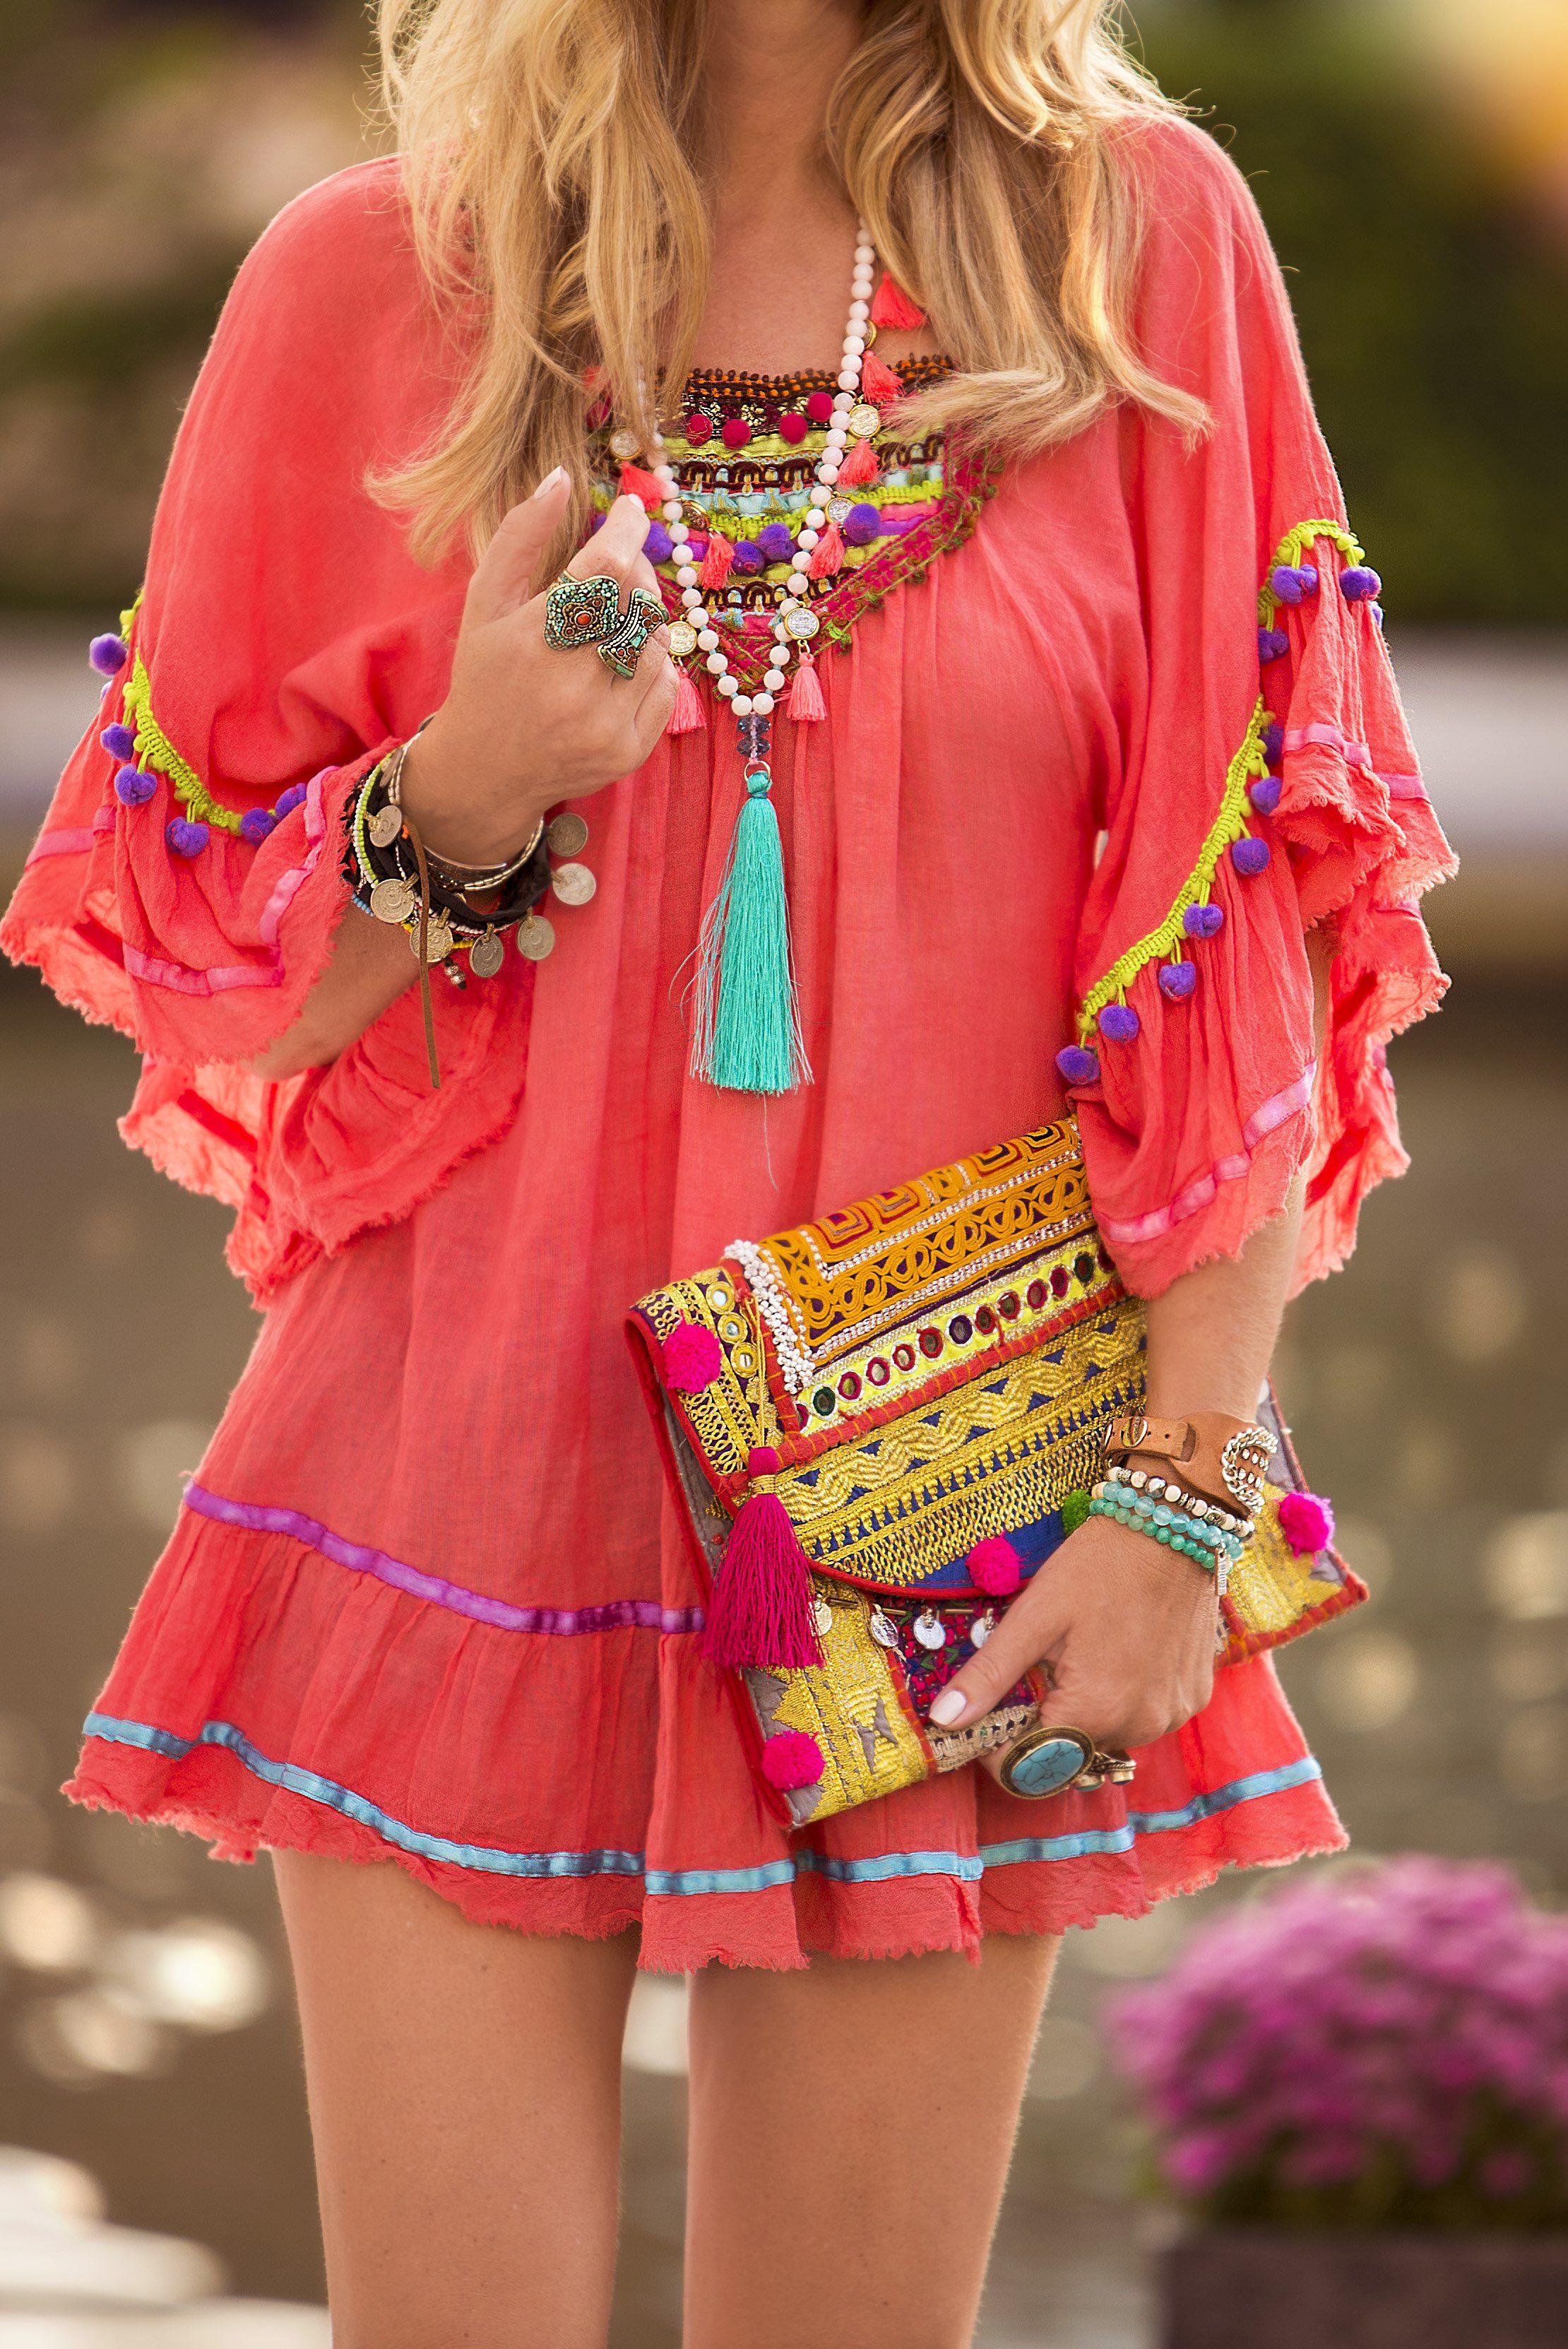 die besten 25 boho ibiza fashion ideen auf pinterest wei es sommerkleid aus baumwolle ibiza. Black Bedroom Furniture Sets. Home Design Ideas